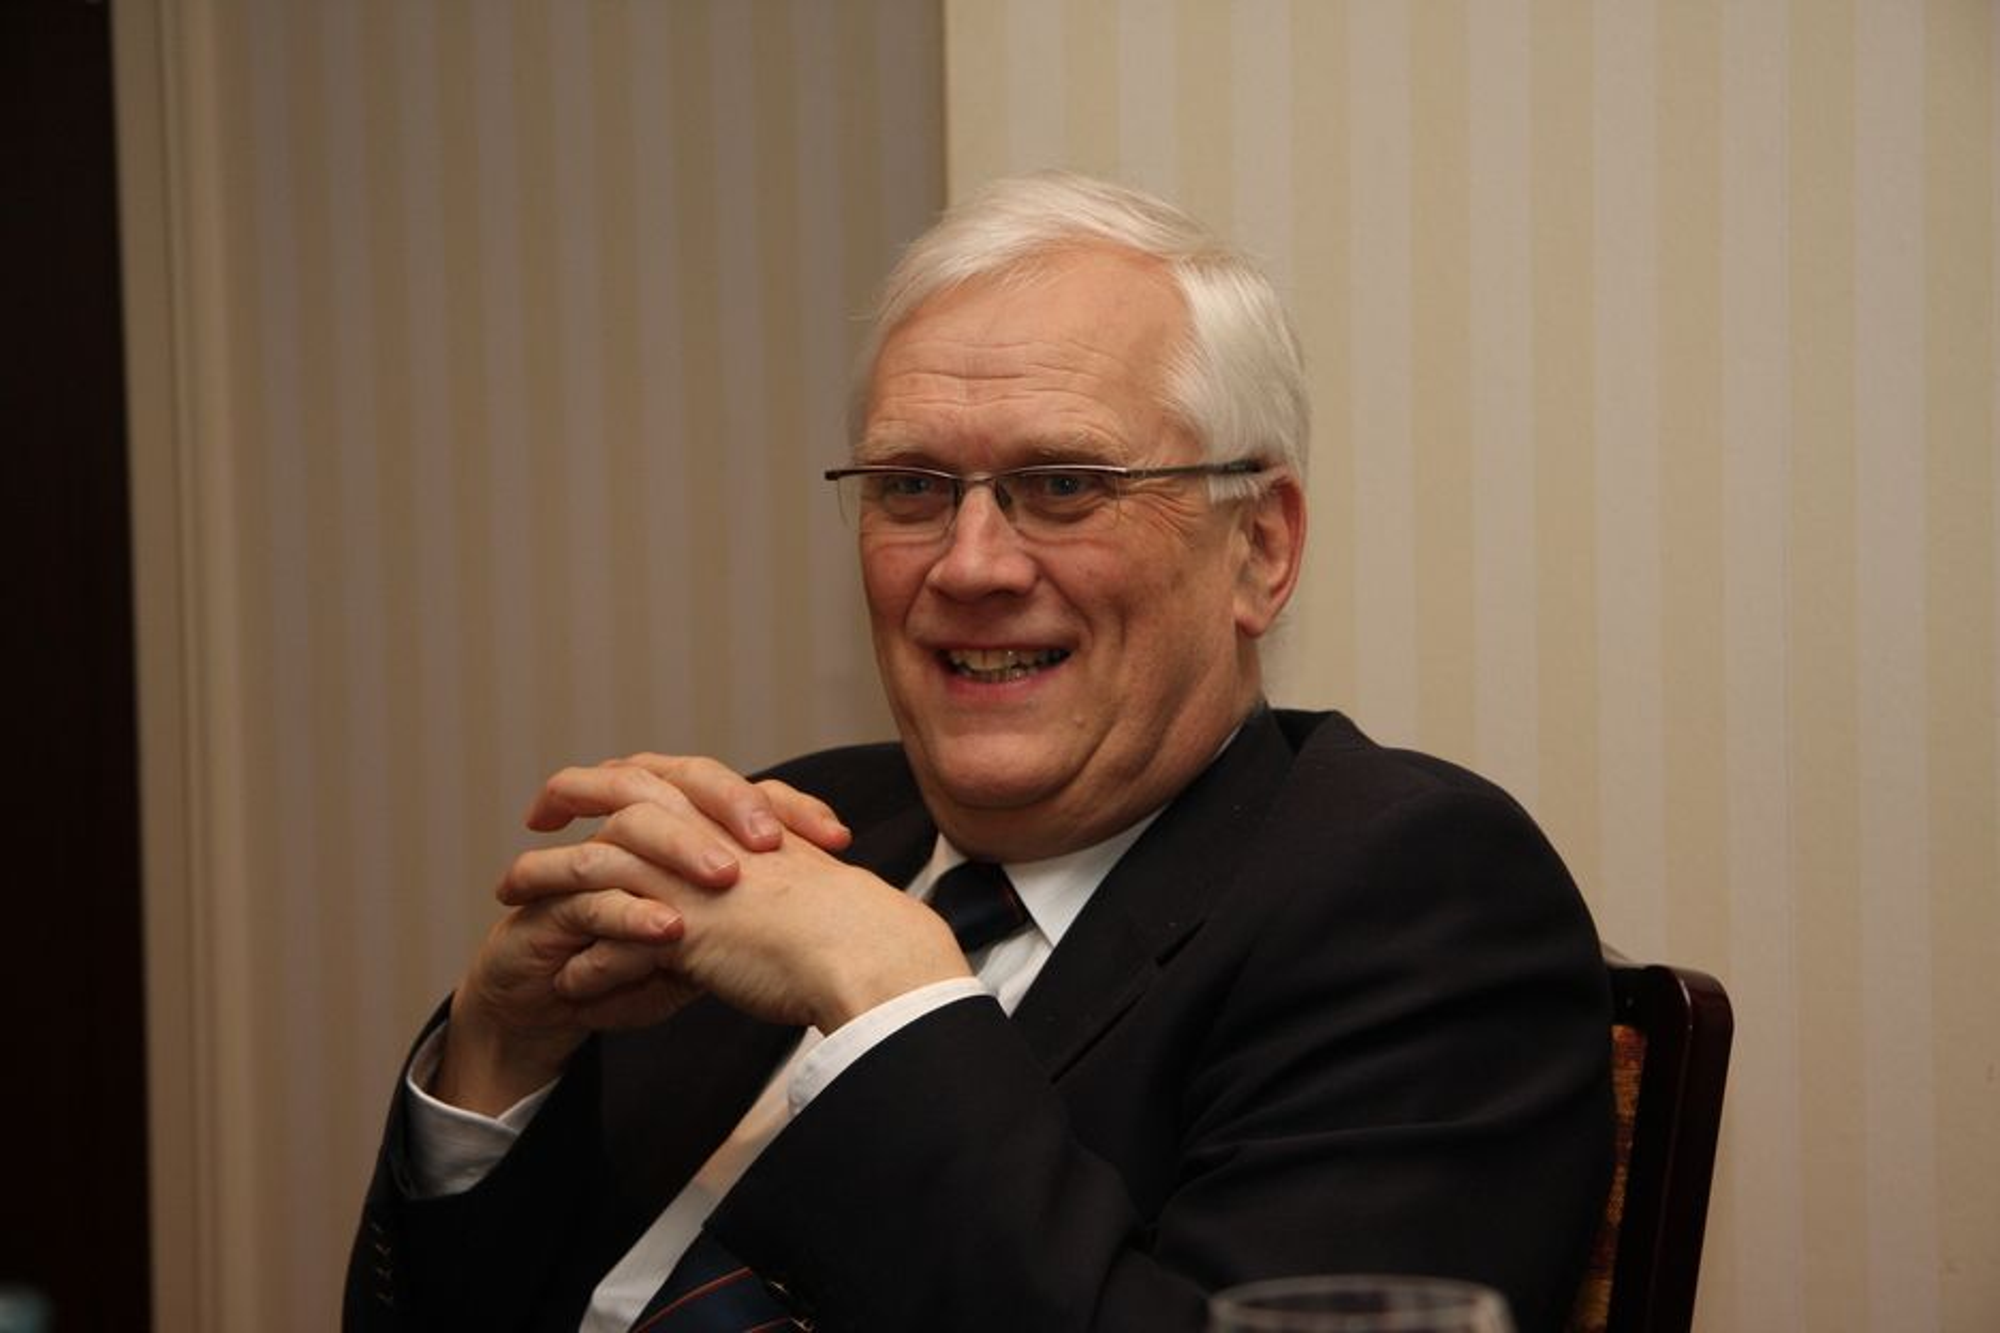 Torbjørn Digernes går løs på en ny åremålsperiode som rektor ved NTNU til høsten.